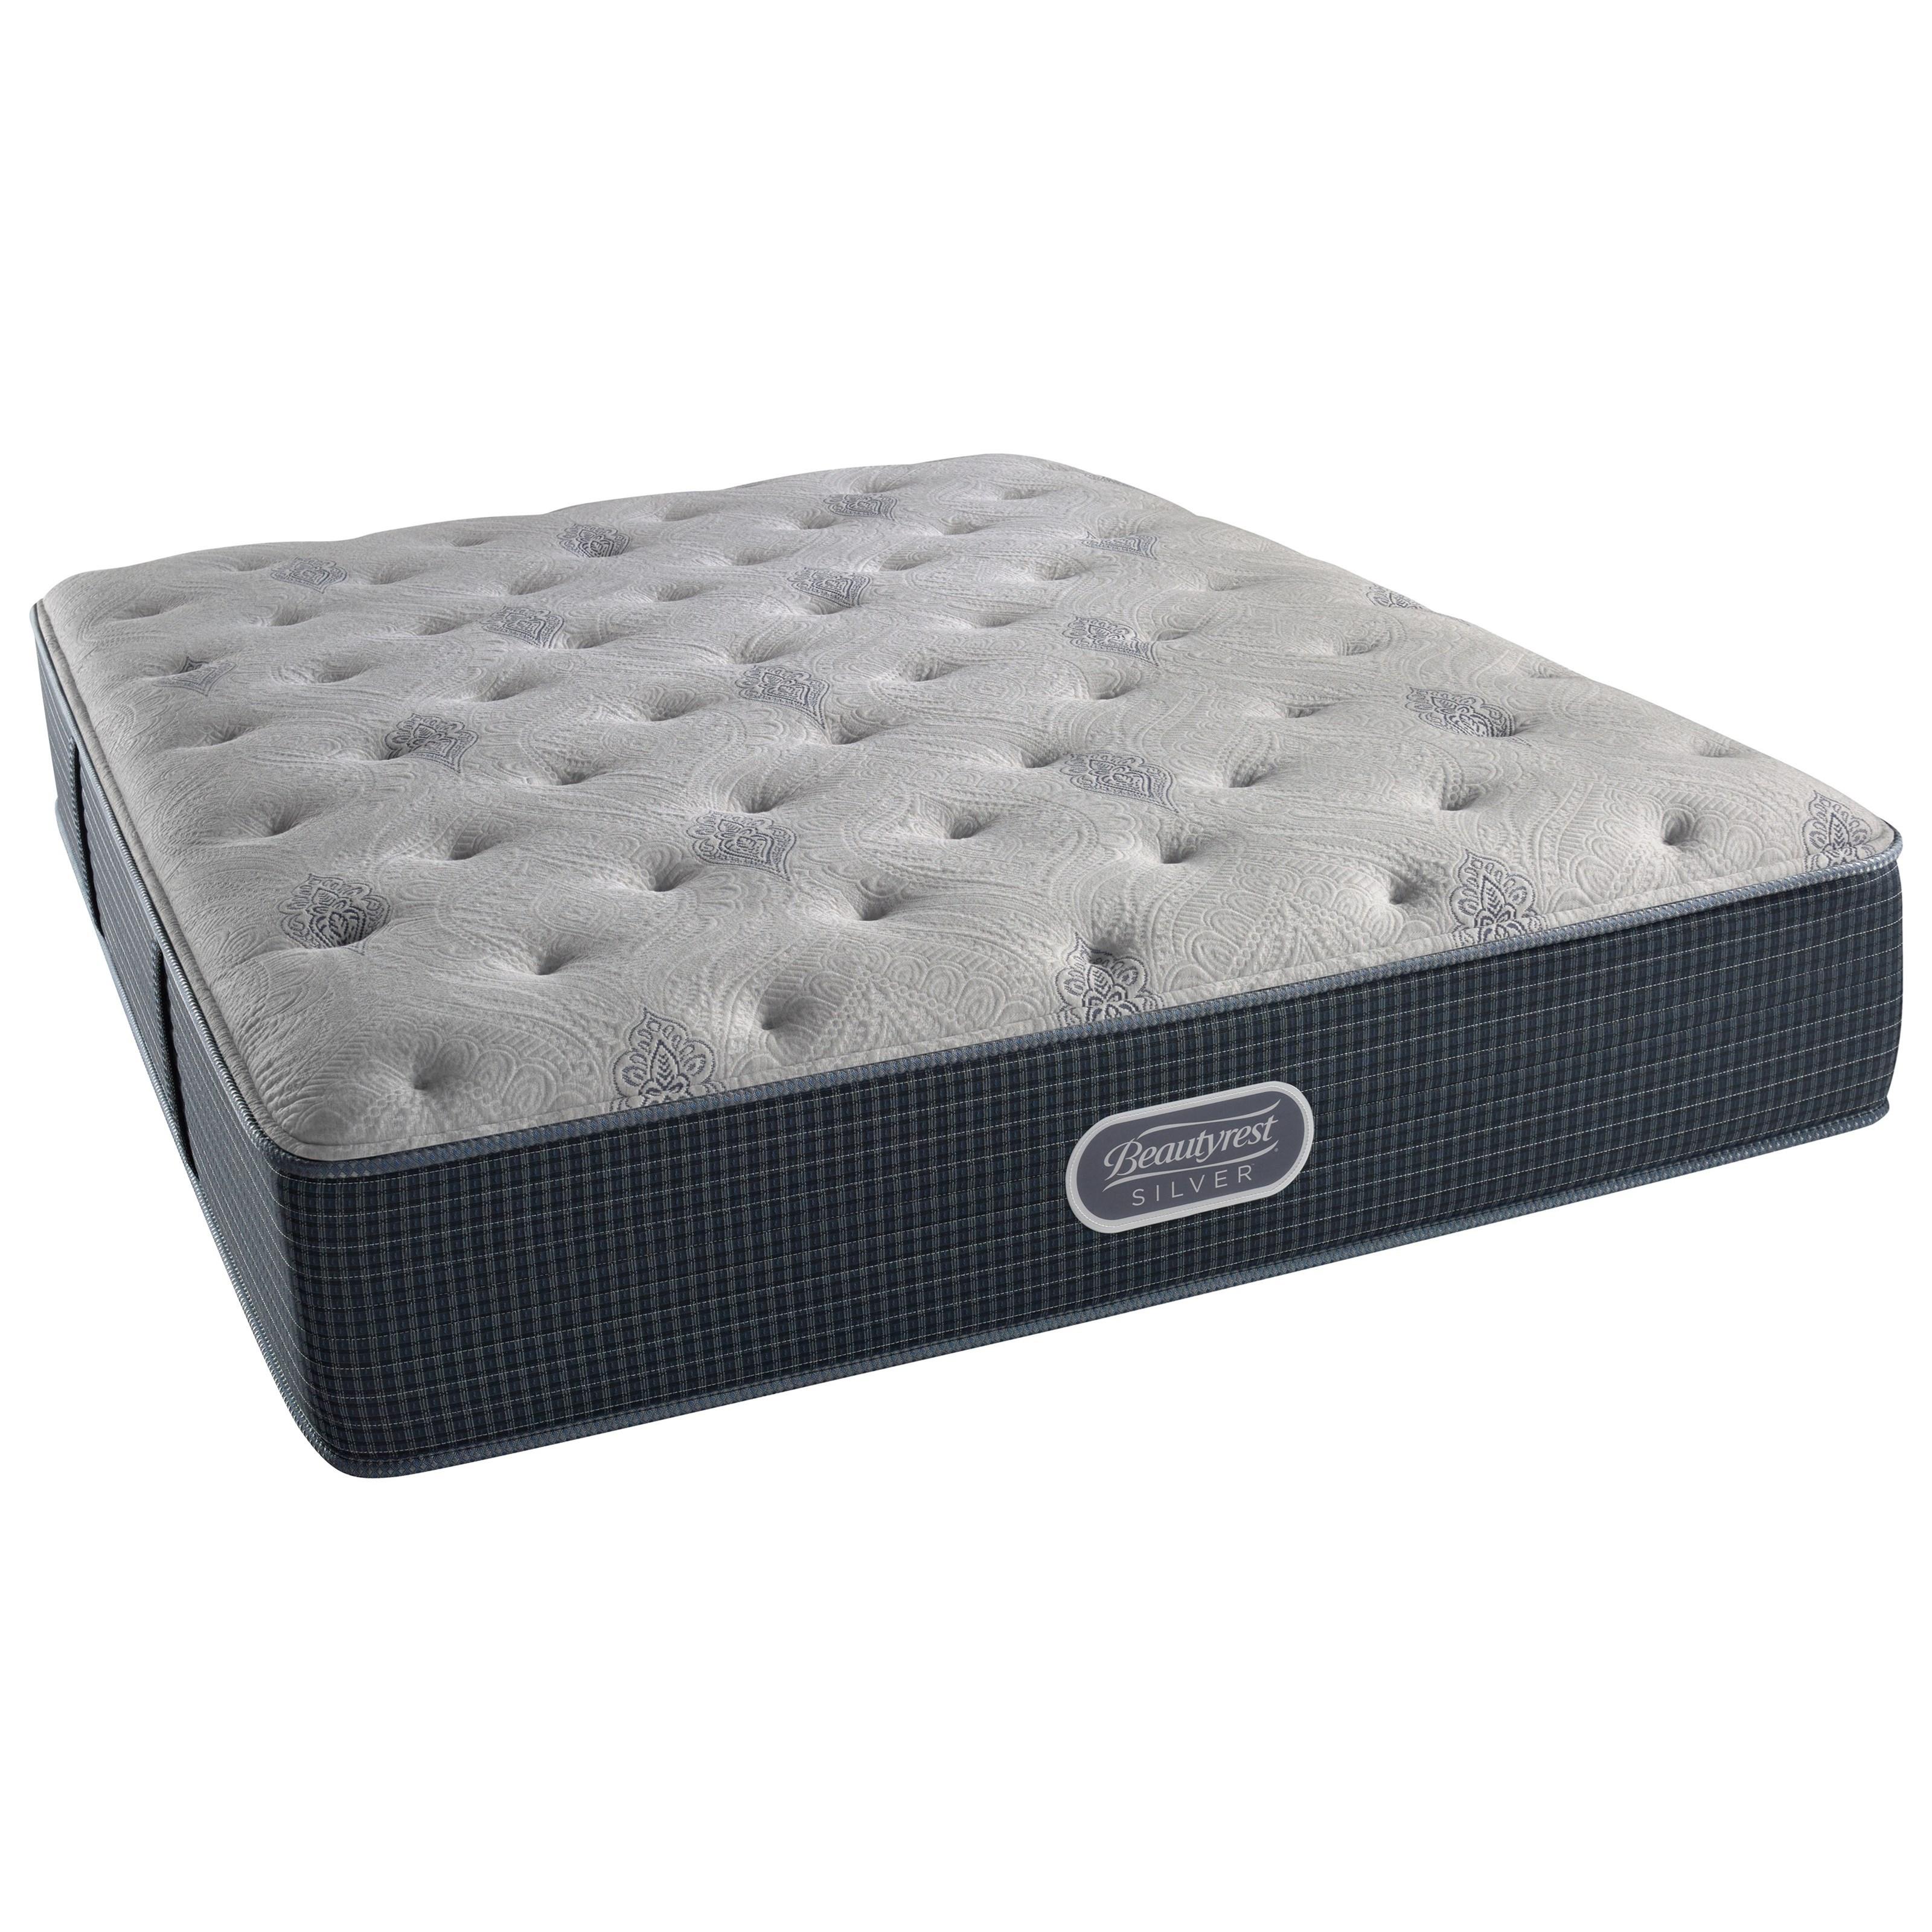 Beautyrest Silver Charcoal Coast Plush Beautyrest Silver Queen Mattress - Item Number: 700600248-1050